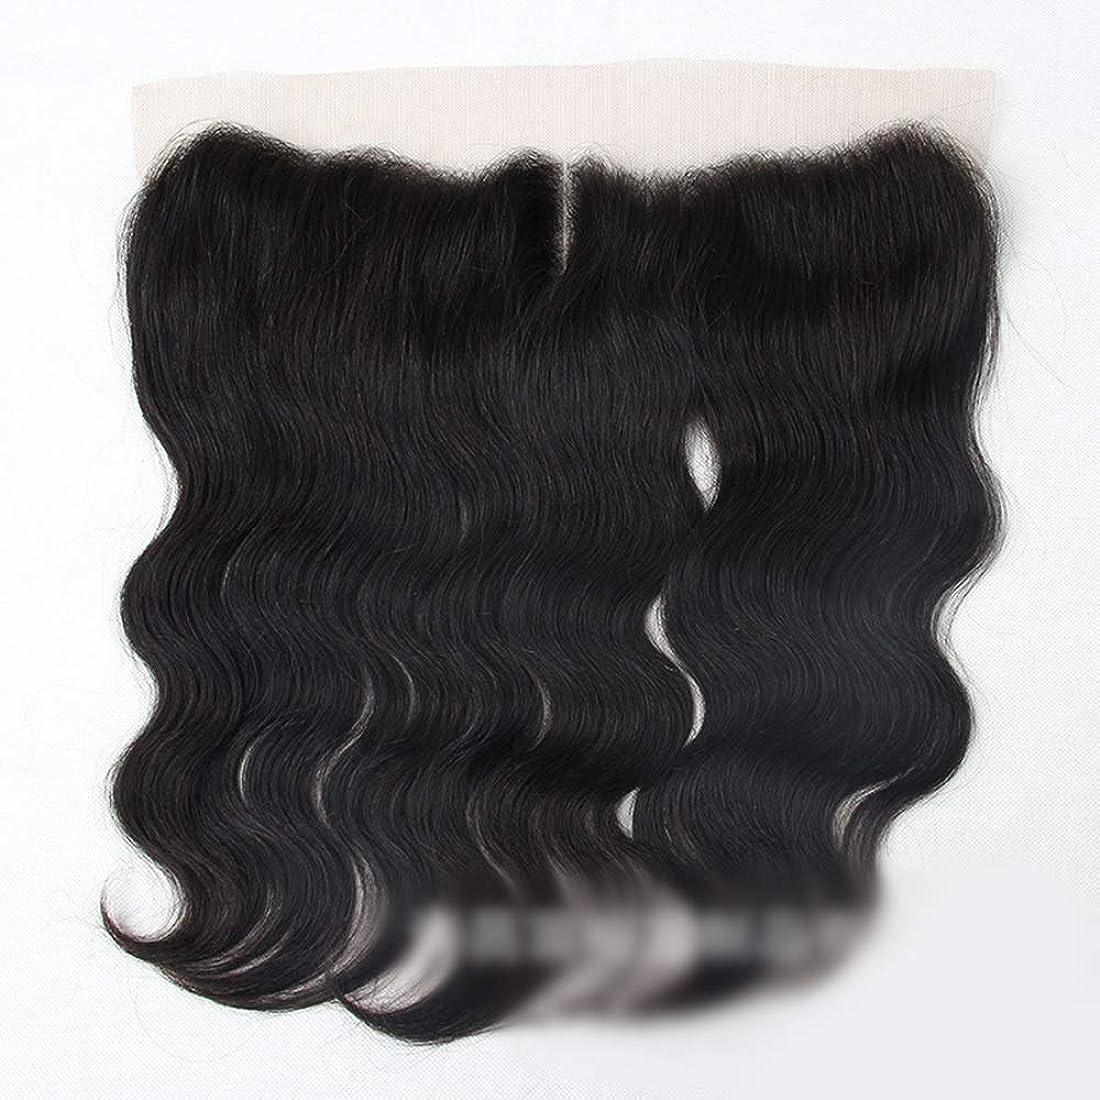 非公式苛性頼るBOBIDYEE ブラジルの実体波人間の髪の毛13×4レース前頭閉鎖中間部ナチュラルブラックカラーショートウィッグ (色 : 黒, サイズ : 10 inch)